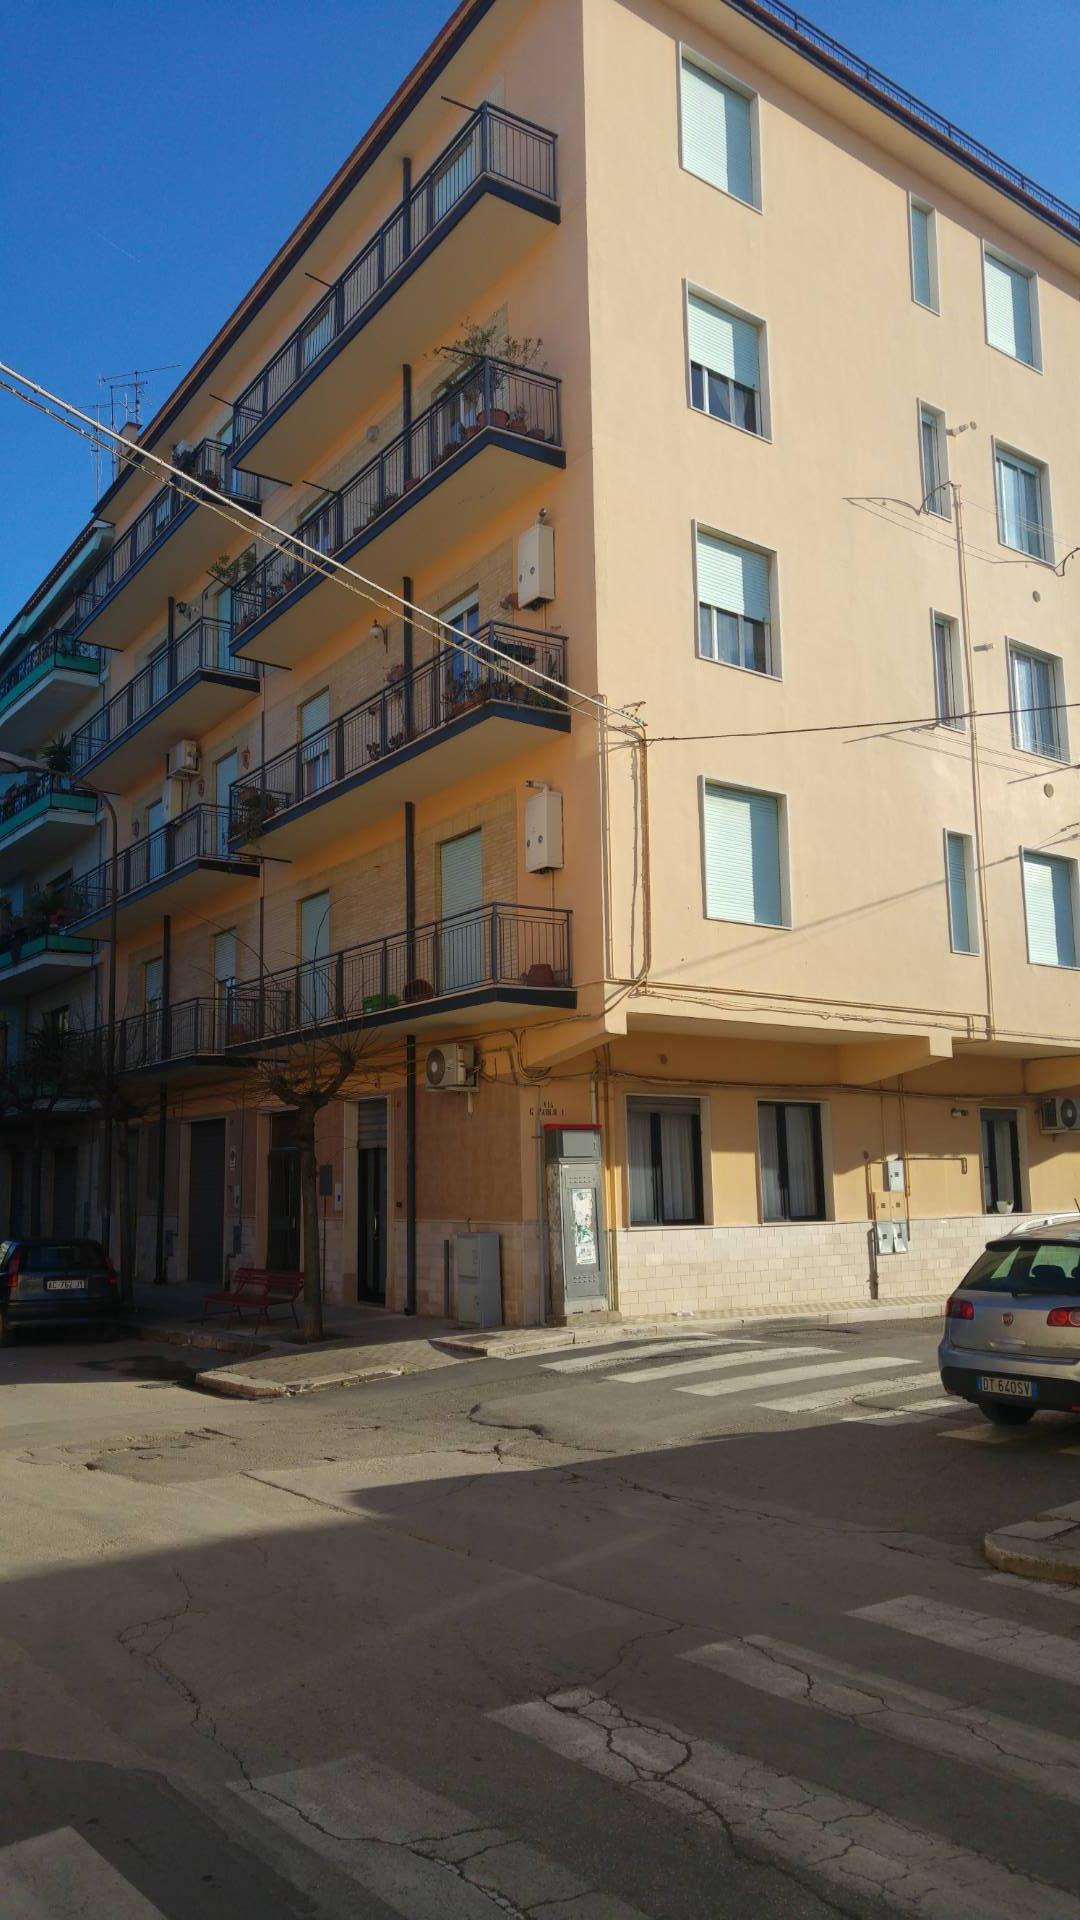 Appartamento in vendita a San Nicandro Garganico, 3 locali, prezzo € 44.000   CambioCasa.it